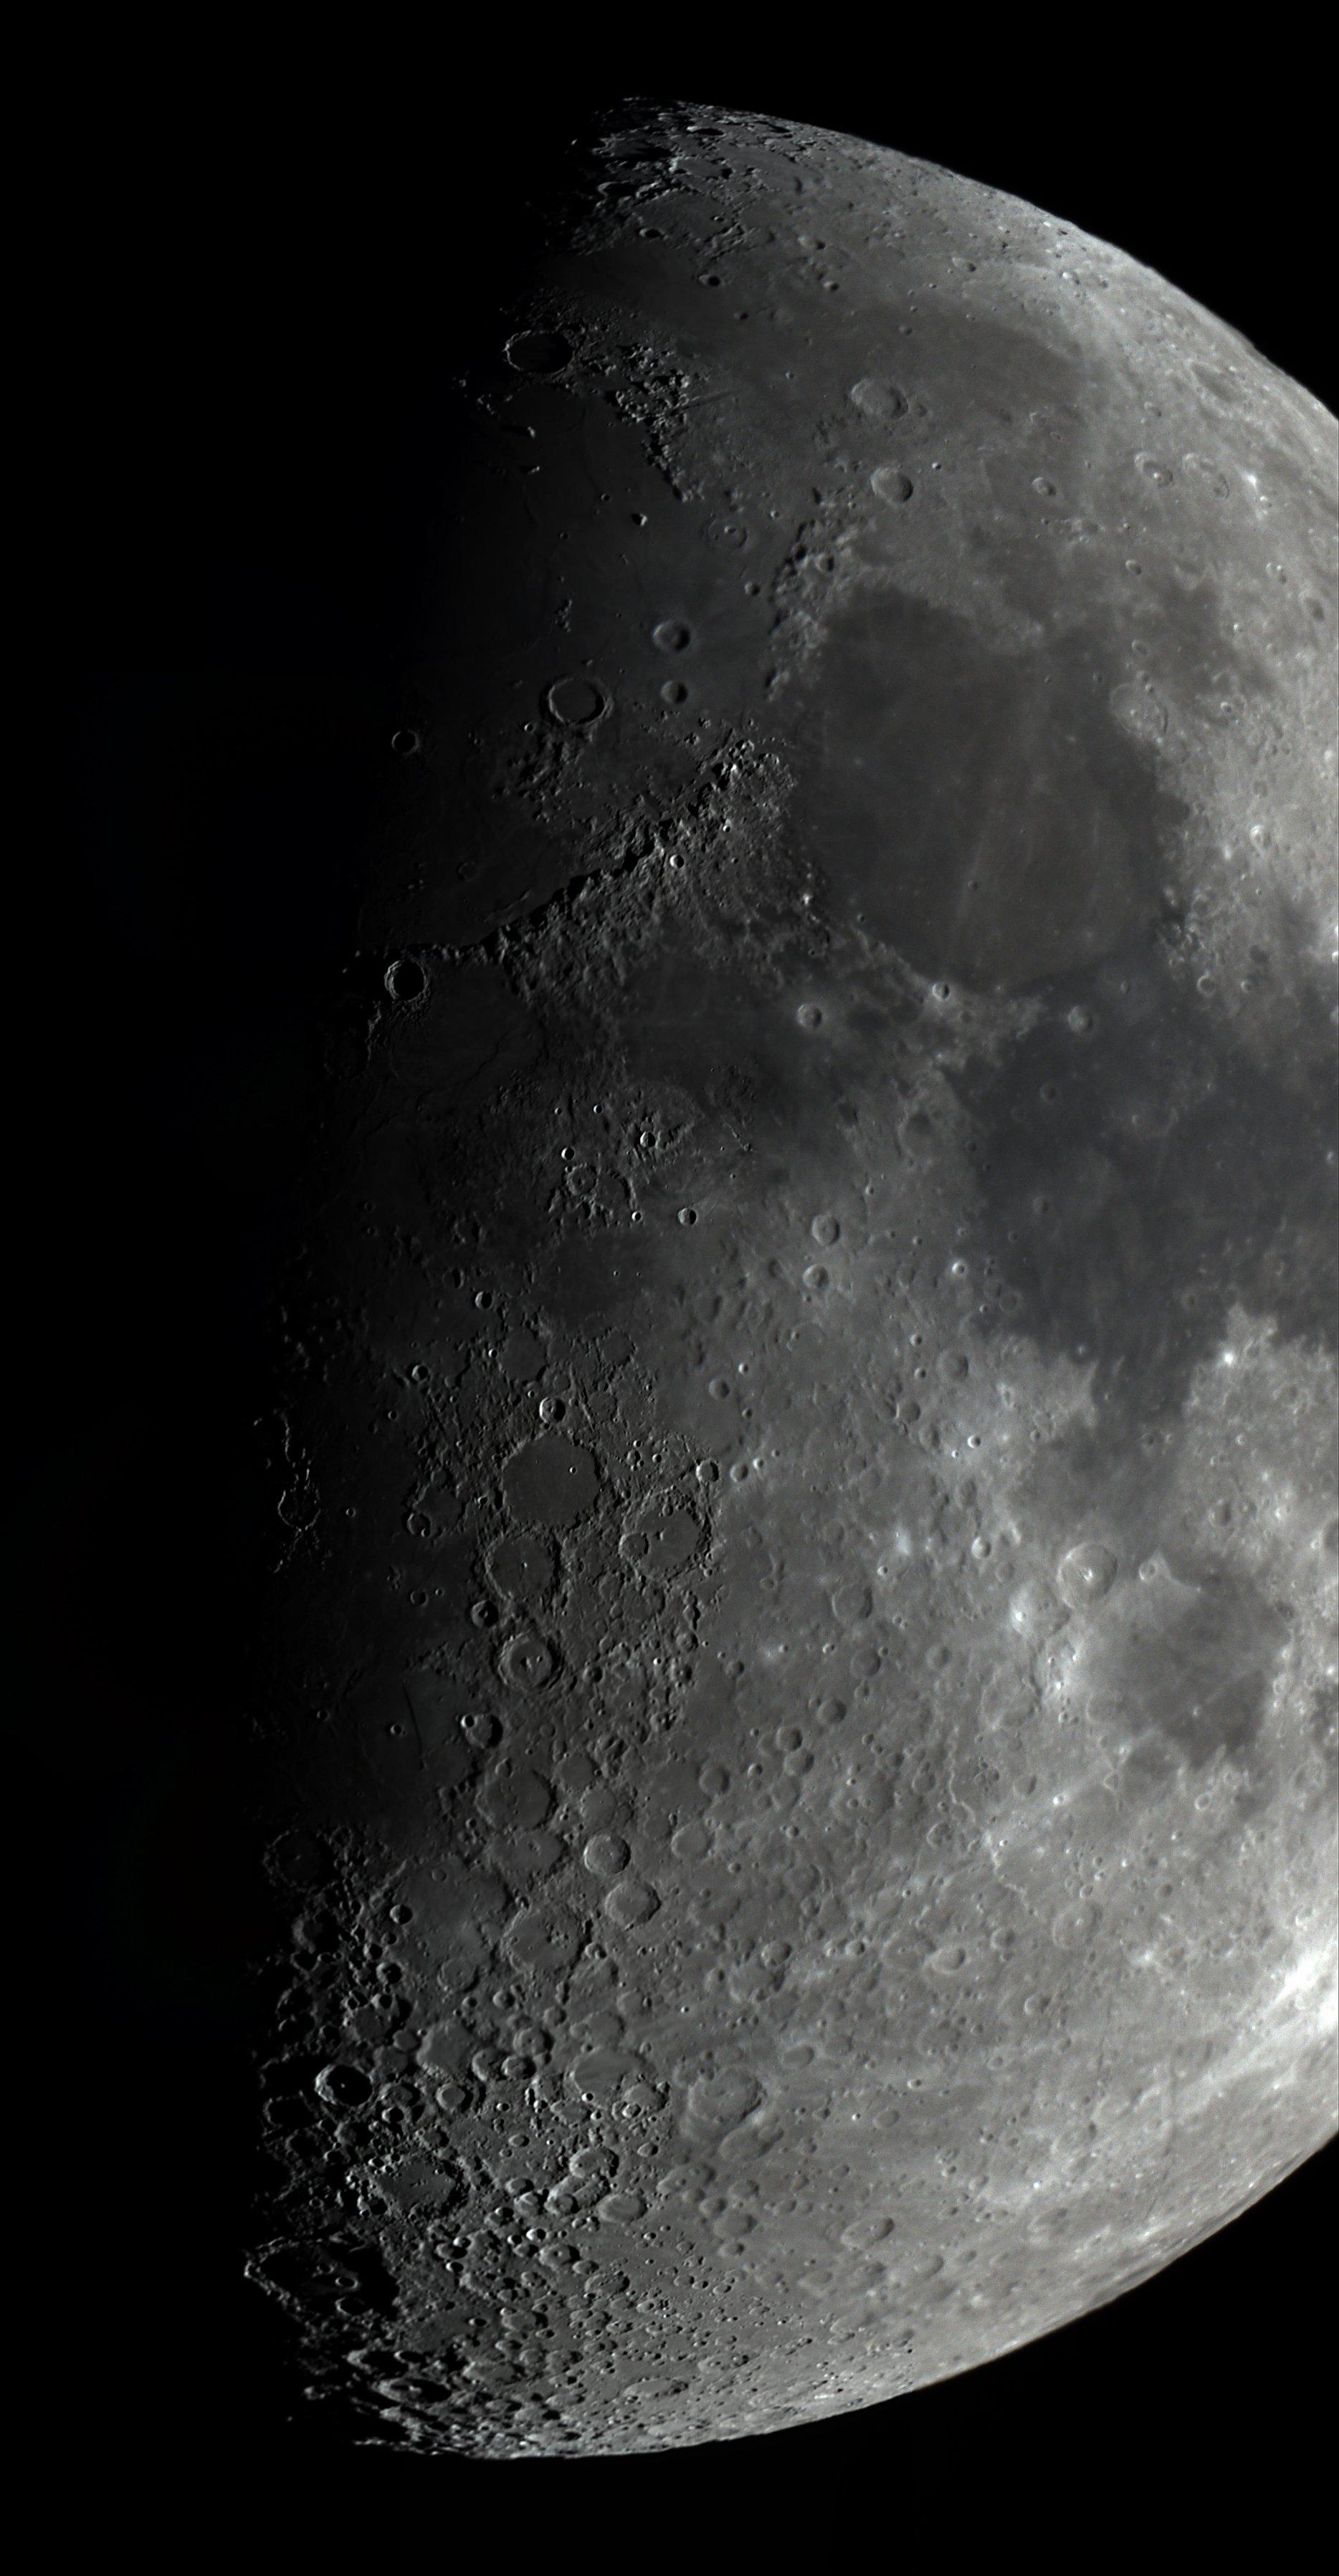 2021-02-20-mosaique-lune-c11-crop-50-mfb